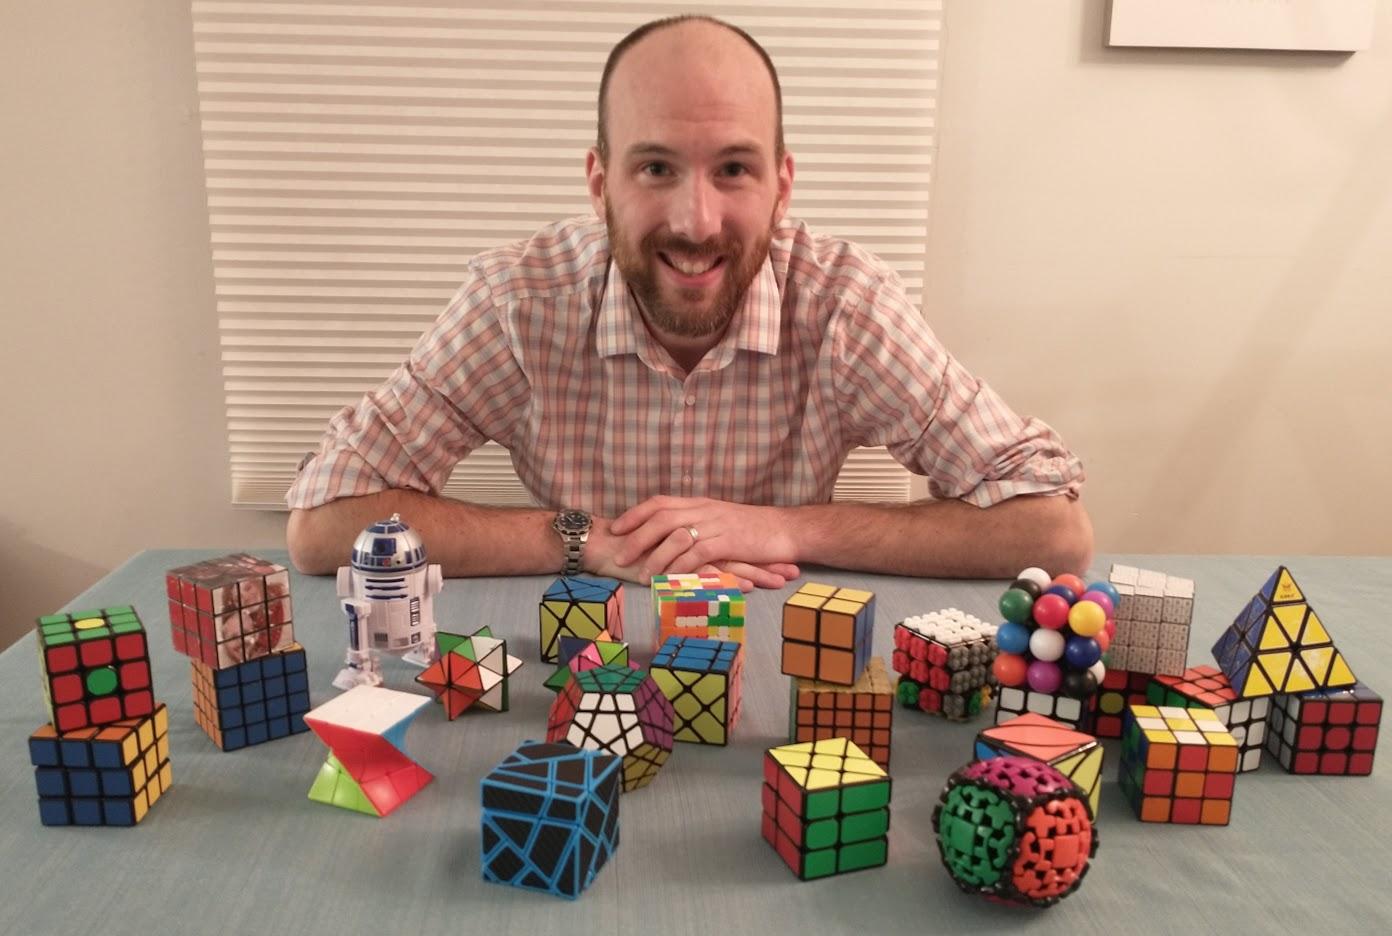 John Reiner's Rubiks Cubes